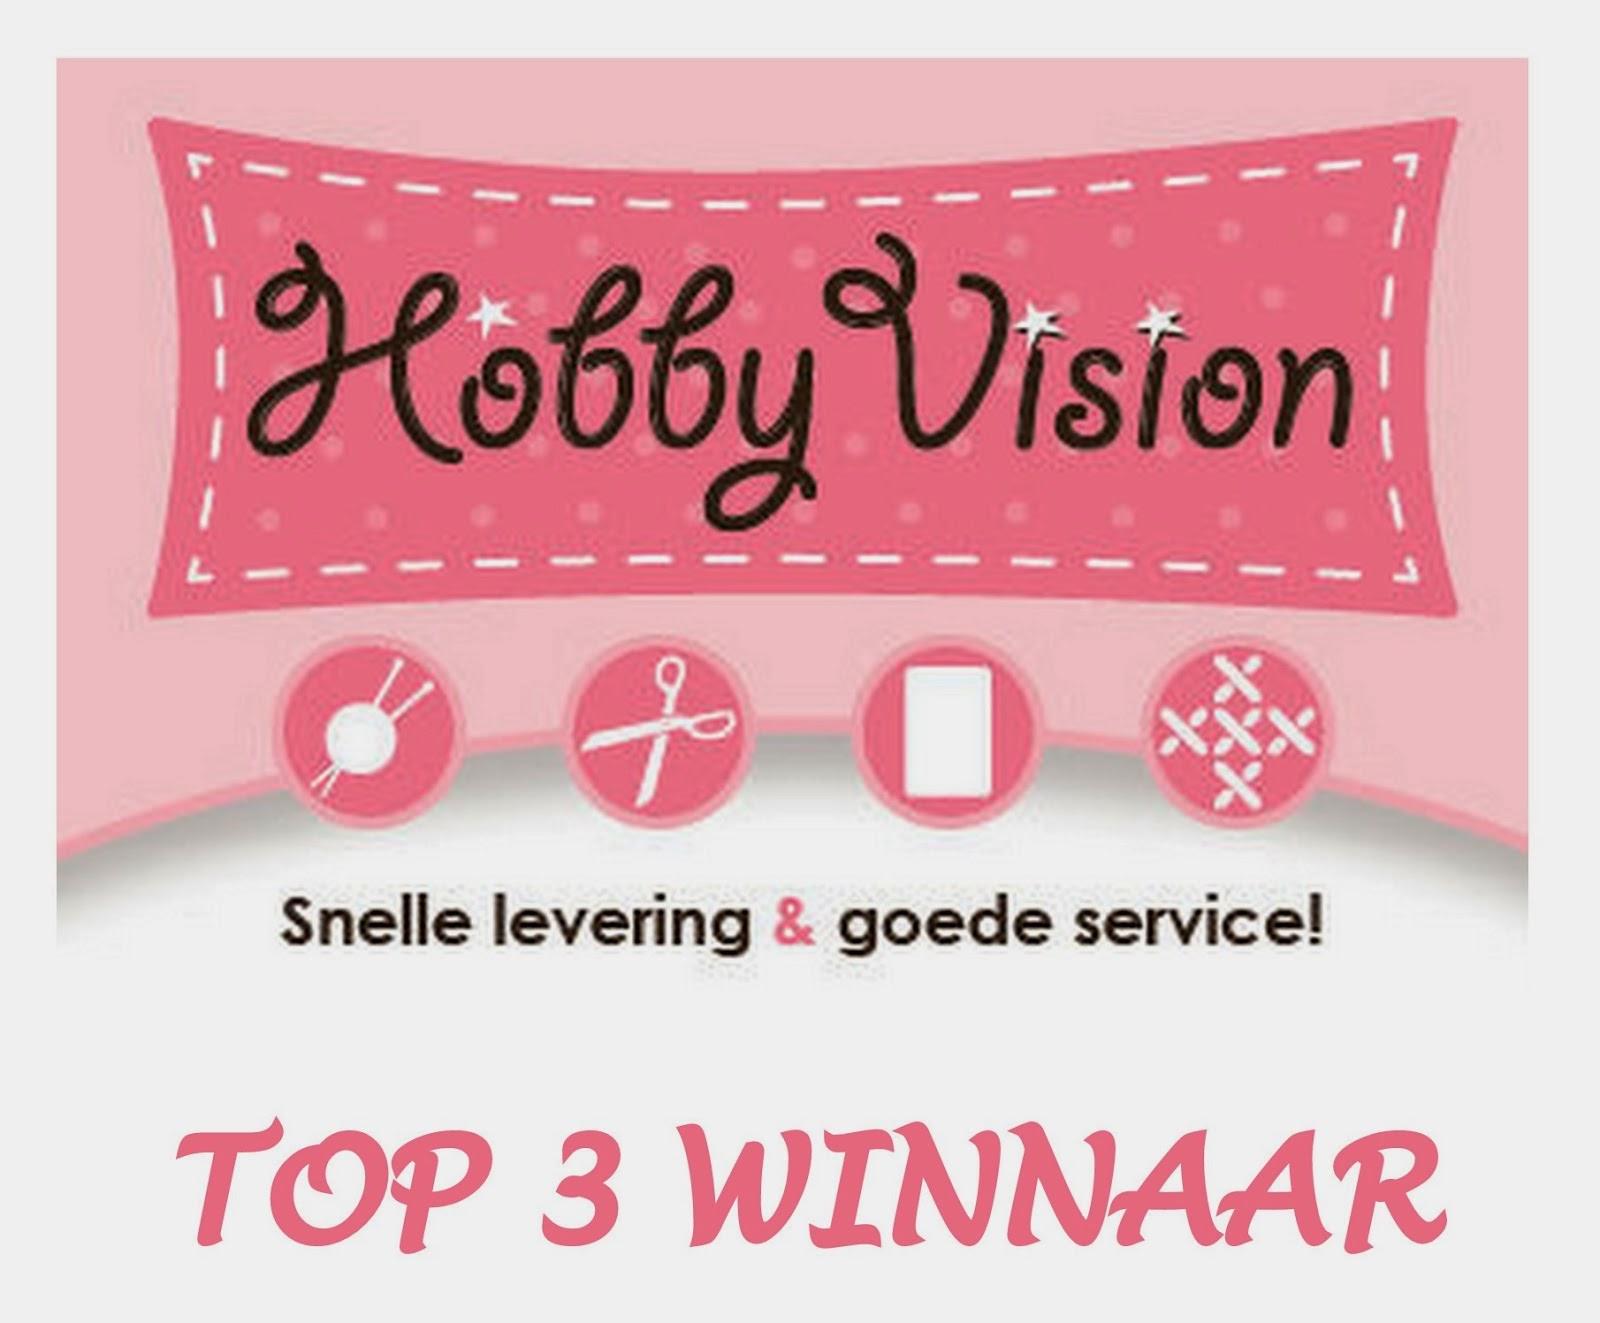 Top 3 winnaar bij Hobbyvision